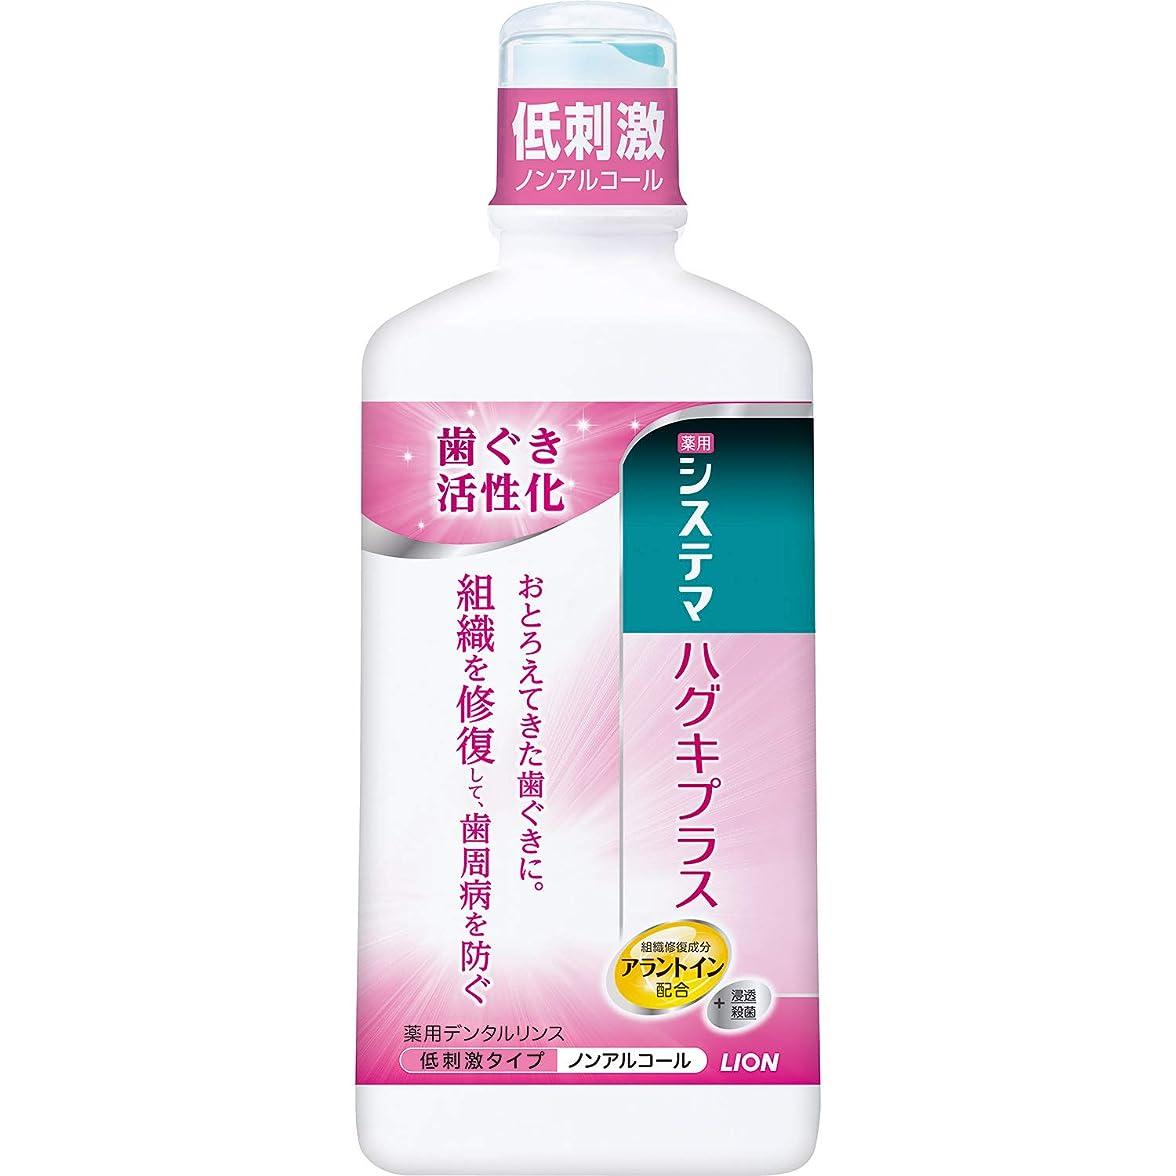 ごみマラウイインストールシステマ ハグキプラス デンタルリンス 450ml 液体歯磨 (医薬部外品)